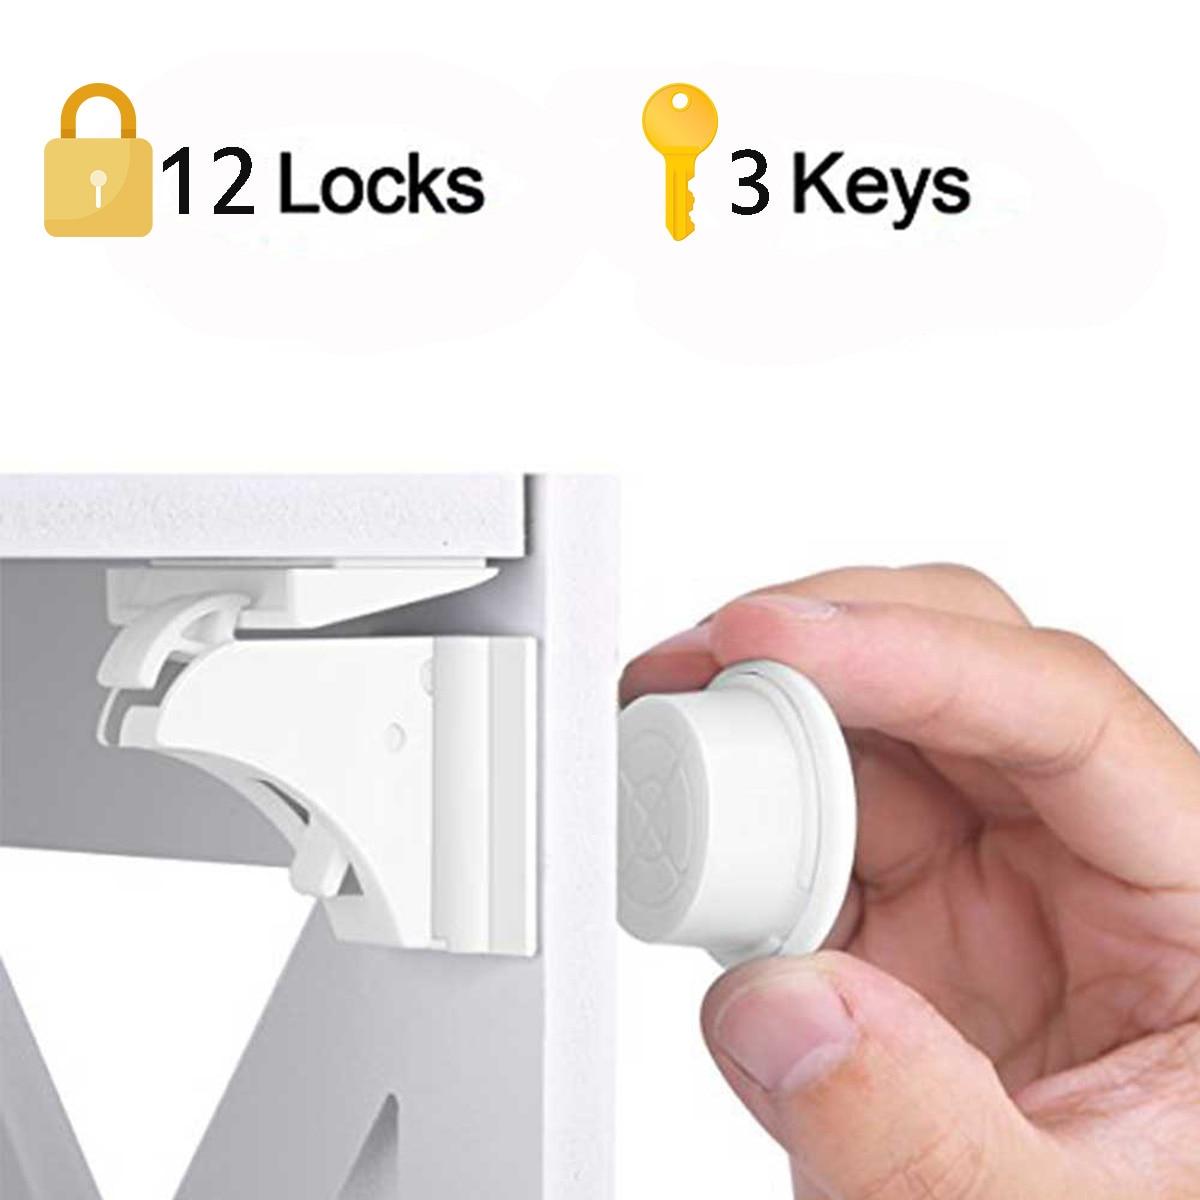 Cerradura magnética para niños, 4-12 cerraduras + 1-3 Llaves, protección de seguridad para bebés, Cerradura para puerta de gabinete, cerradura de seguridad para cajones para niños, cerraduras magnéticas